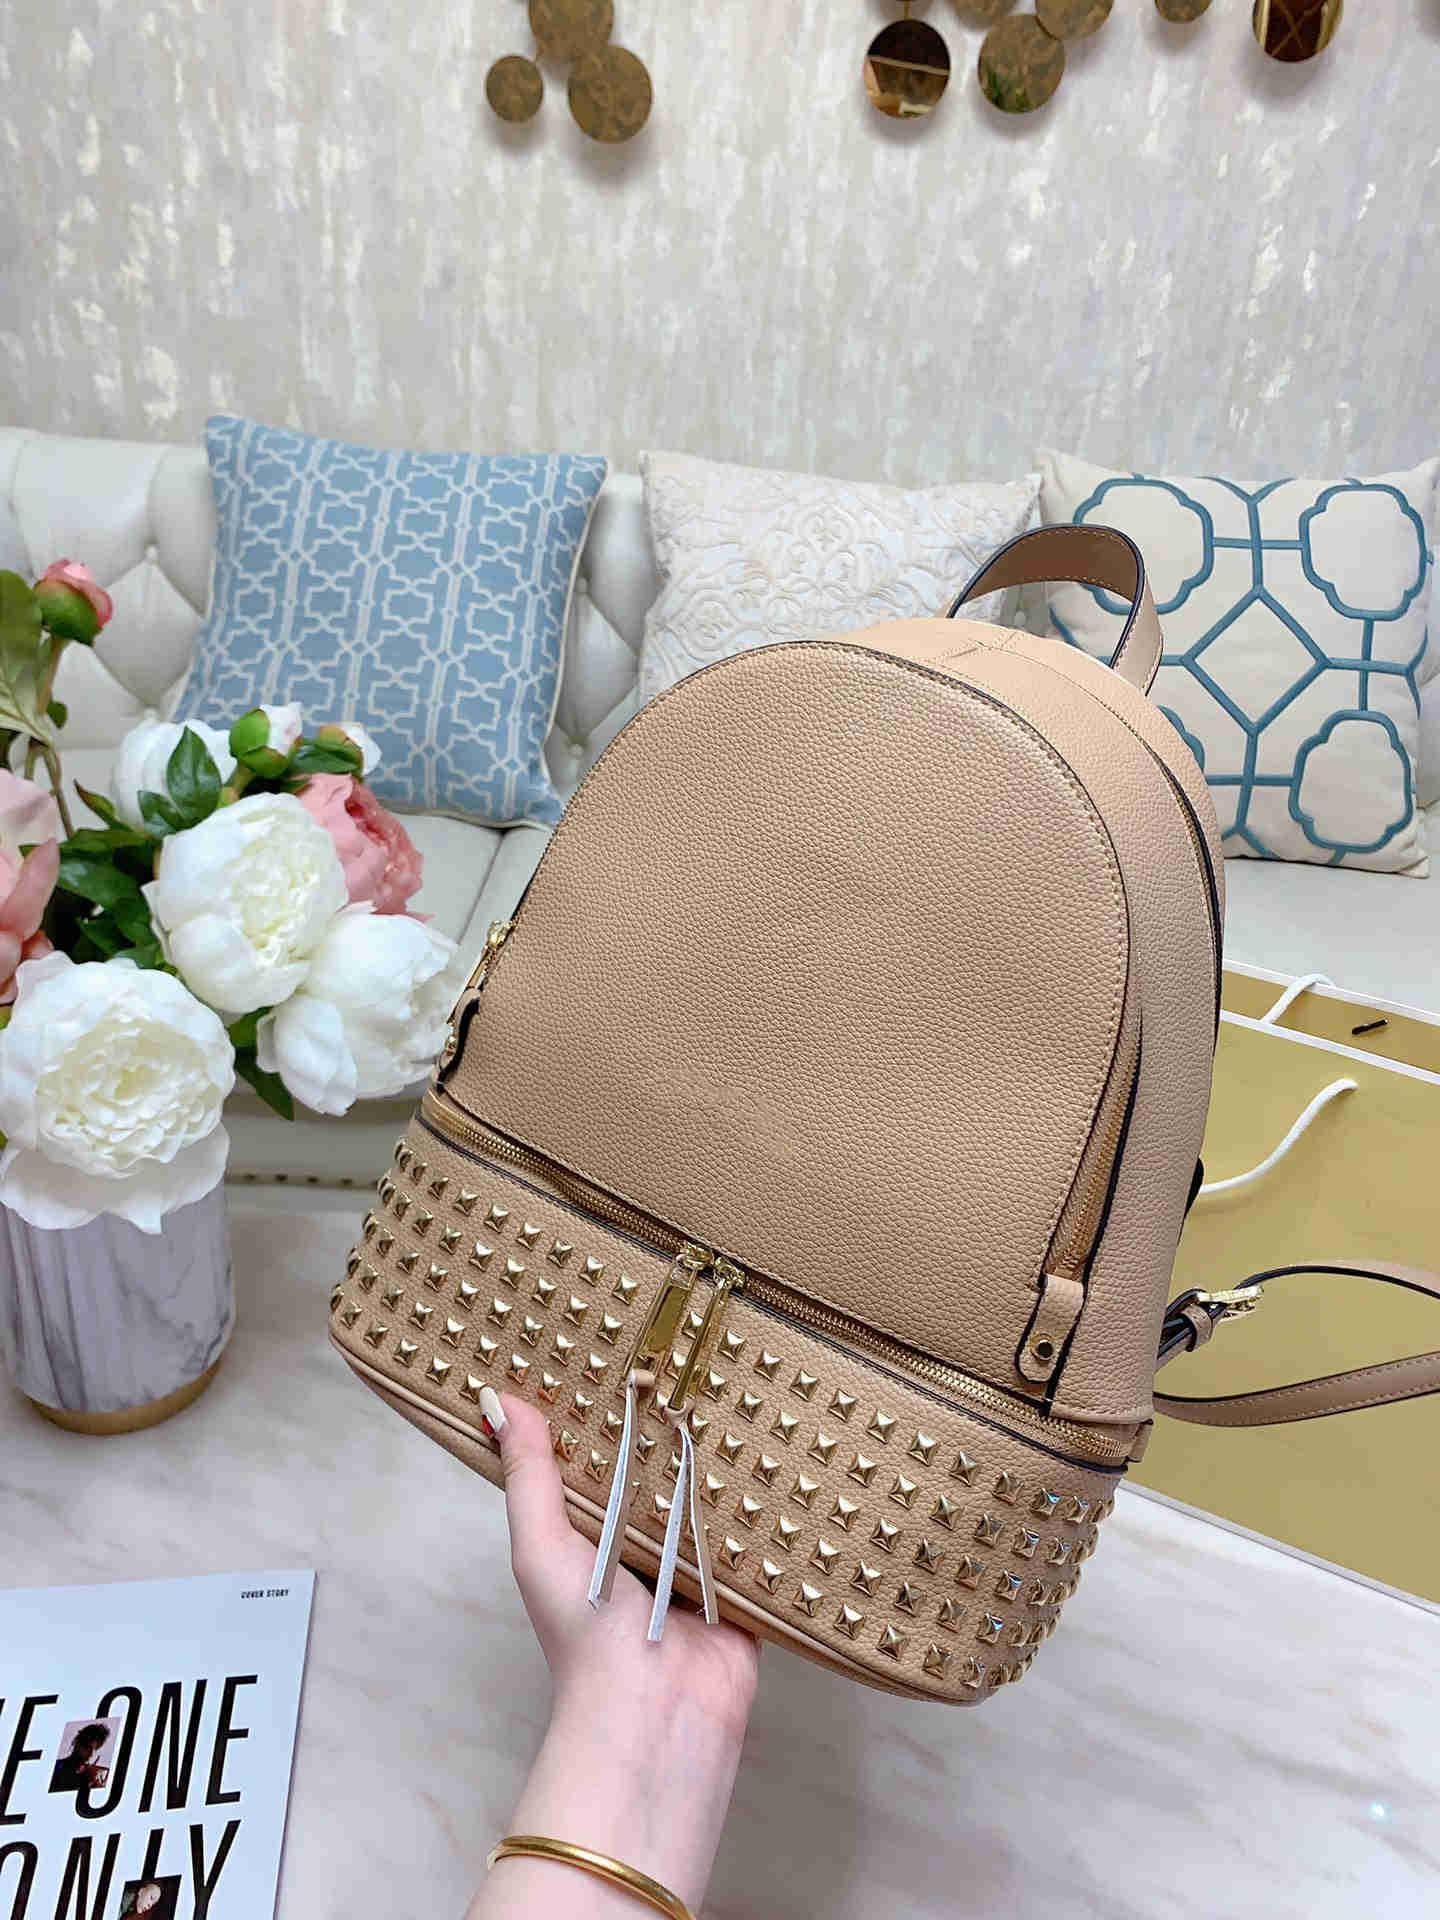 Diseñador-Nueva Moda 2020 Monederos de lujo de las mujeres bolsos de bolsos de alta calidad de costura de dos colores bolsas escolares bolsa de la escuela 33 cm